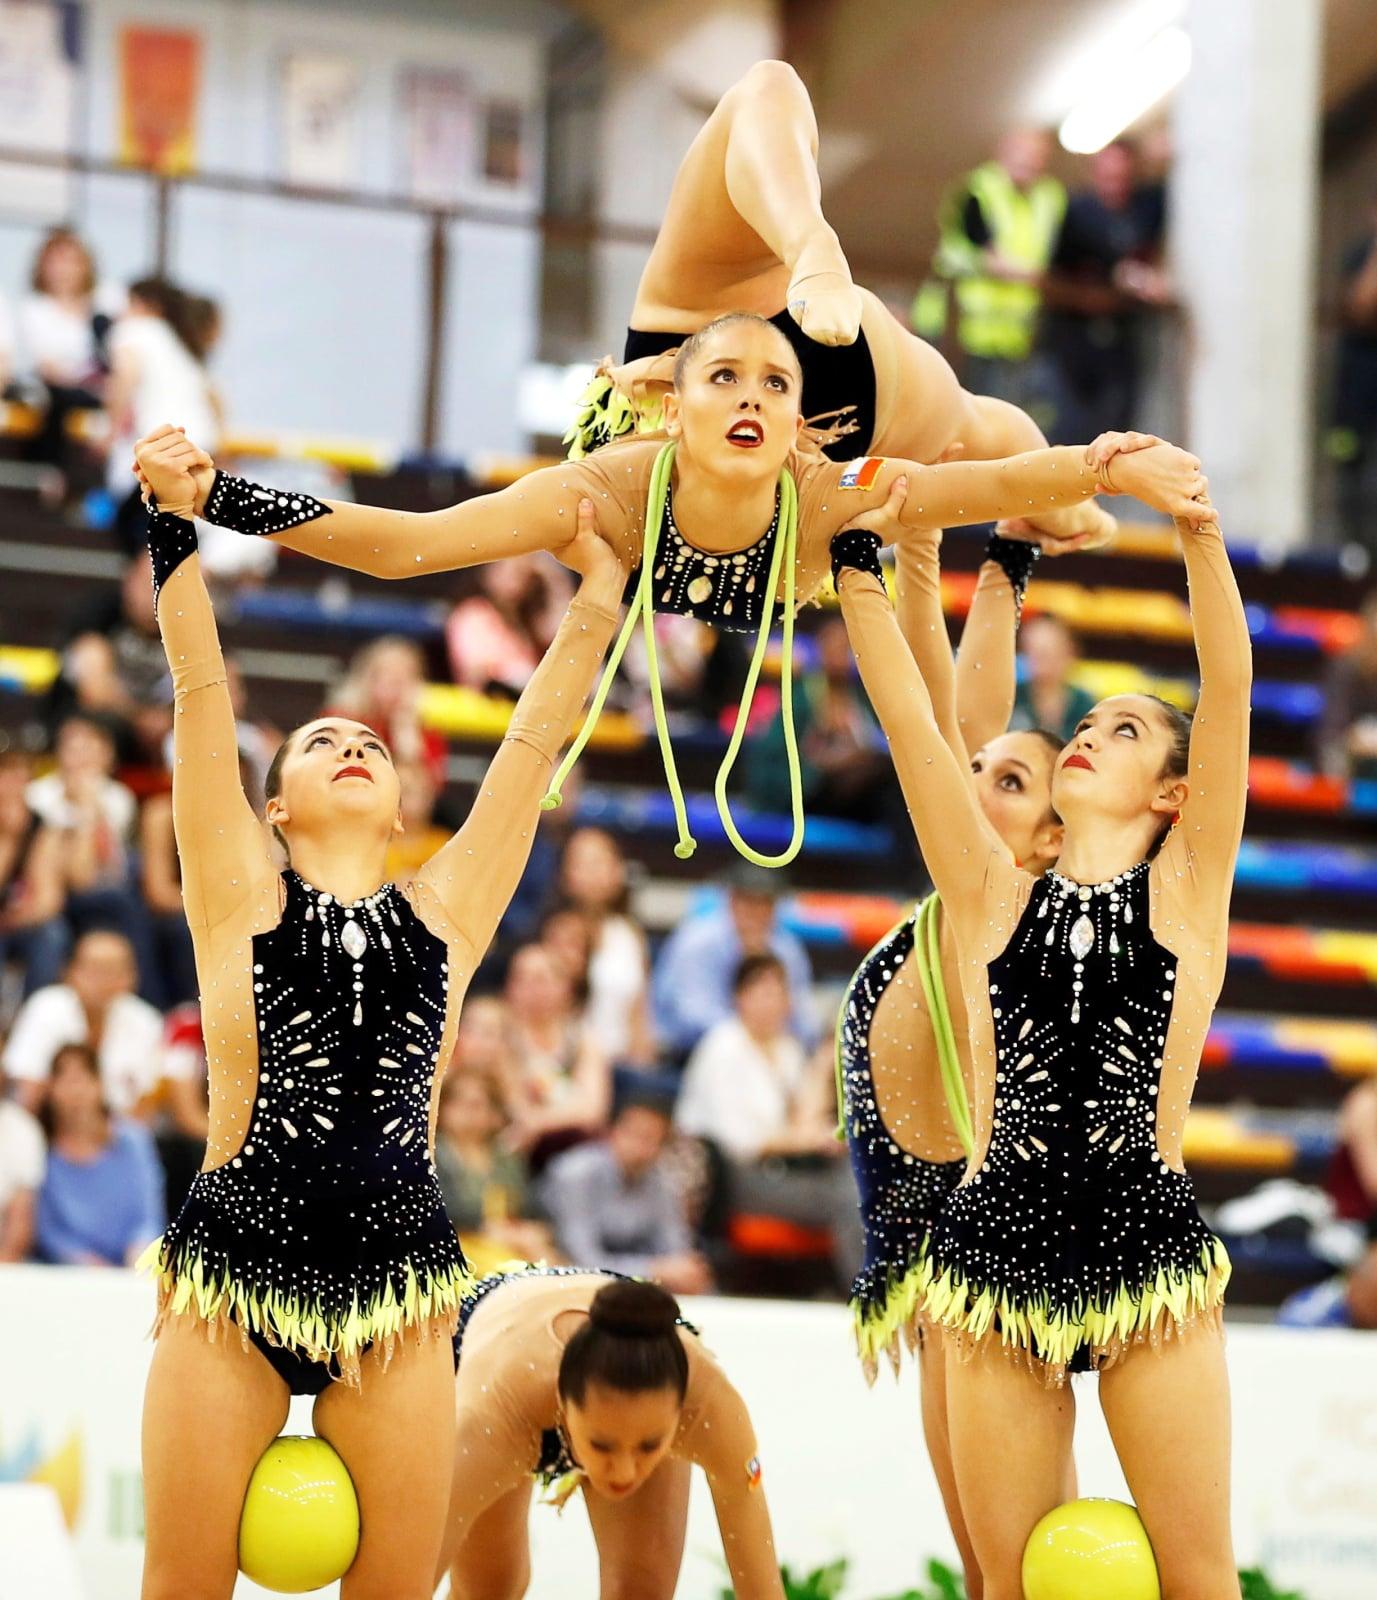 Zawody gimnastyczne w Hiszpanii fot. EPA/JAVIER LOPEZ HERNANDEZ